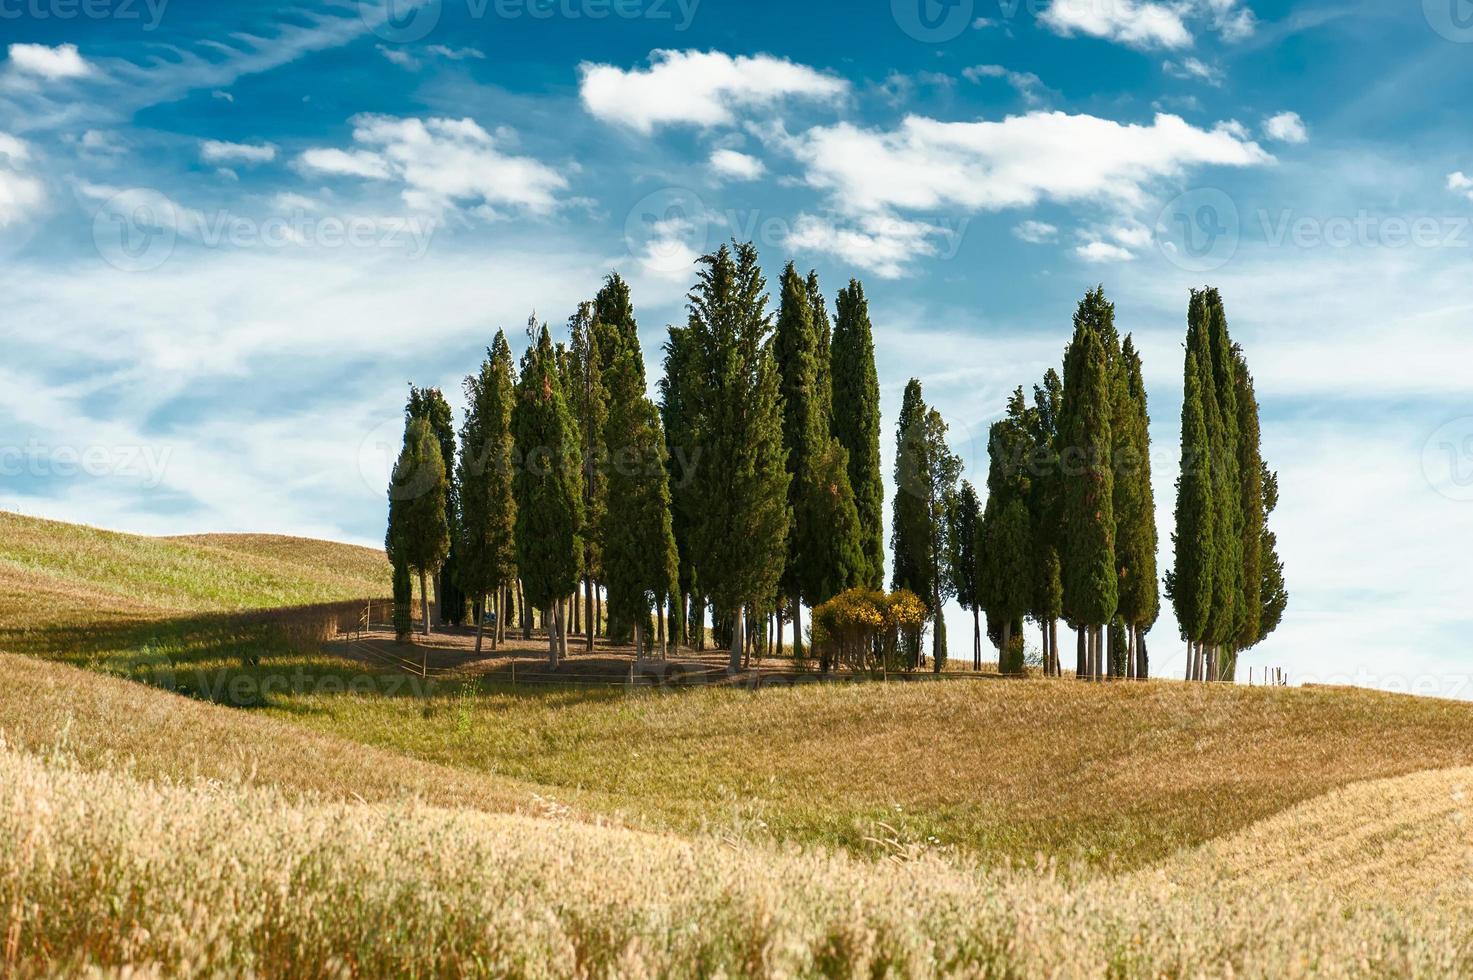 paesaggio di cipressi foto